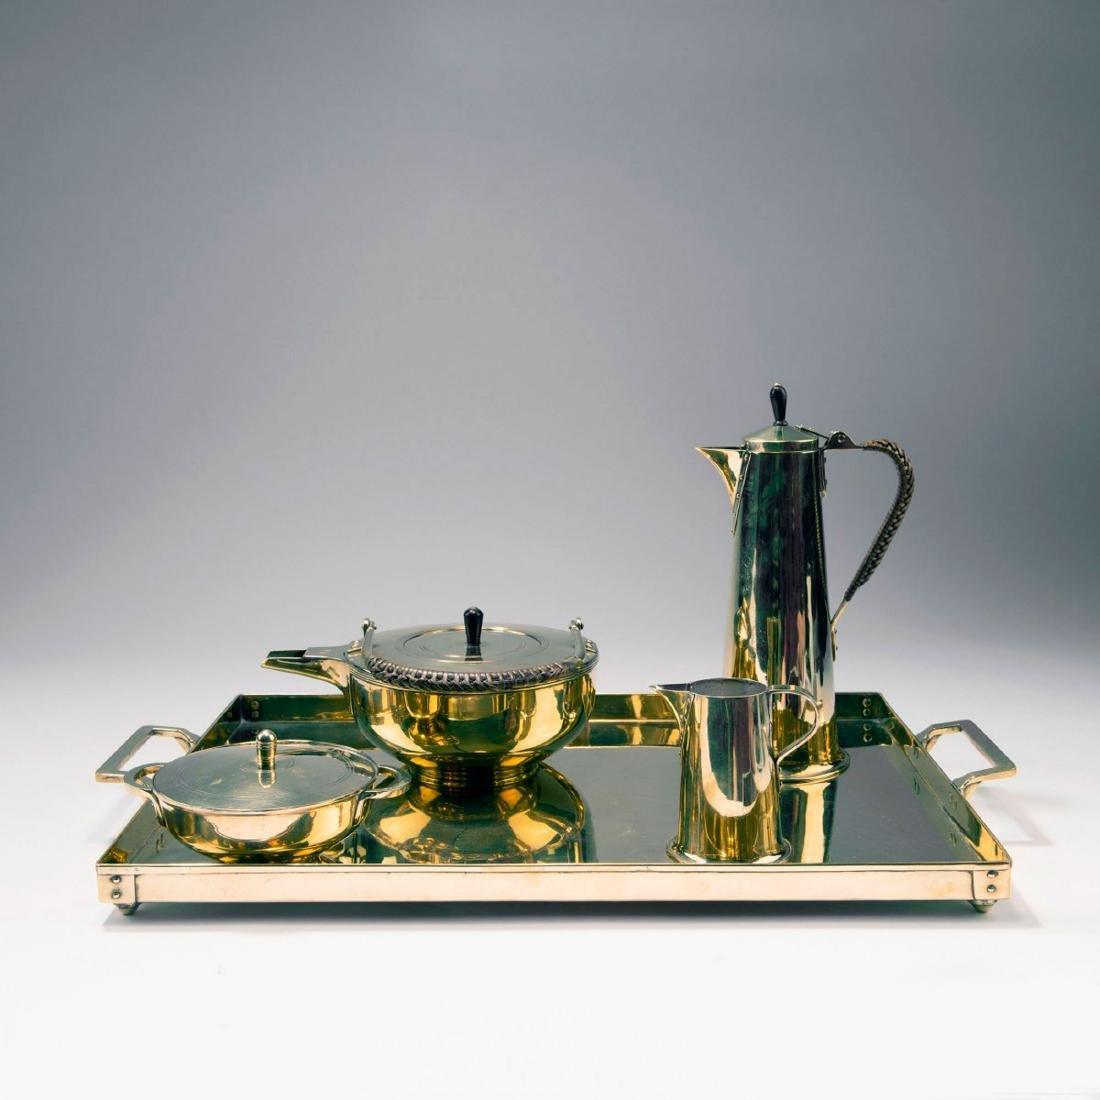 Tea set, c. 1910